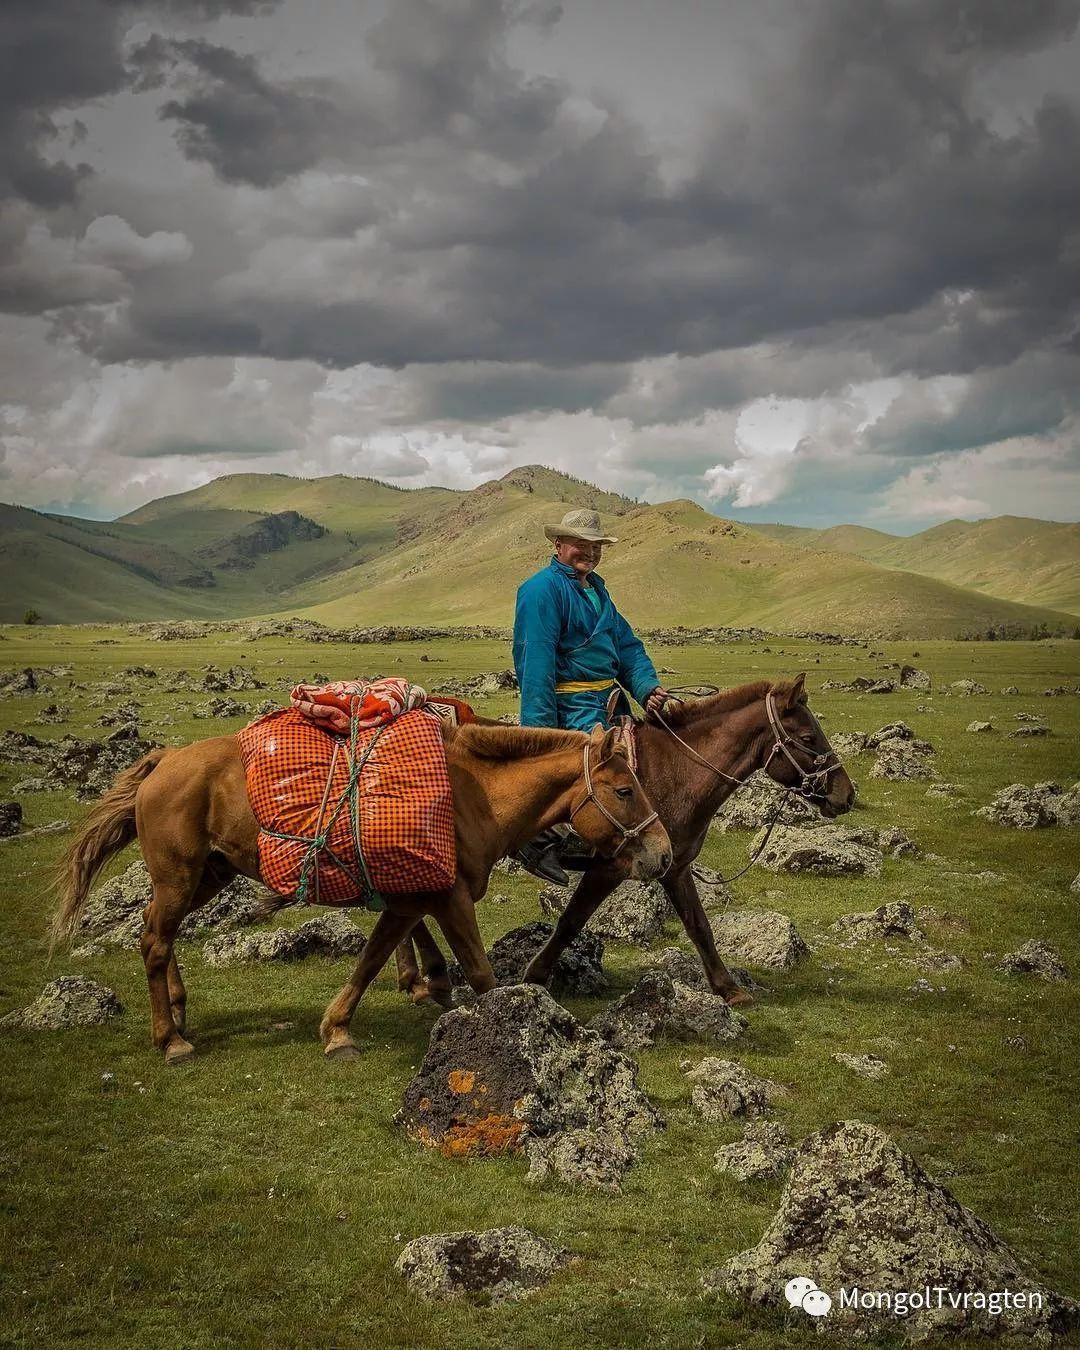 蒙古影像-- Henne Metz 第13张 蒙古影像-- Henne Metz 蒙古文化